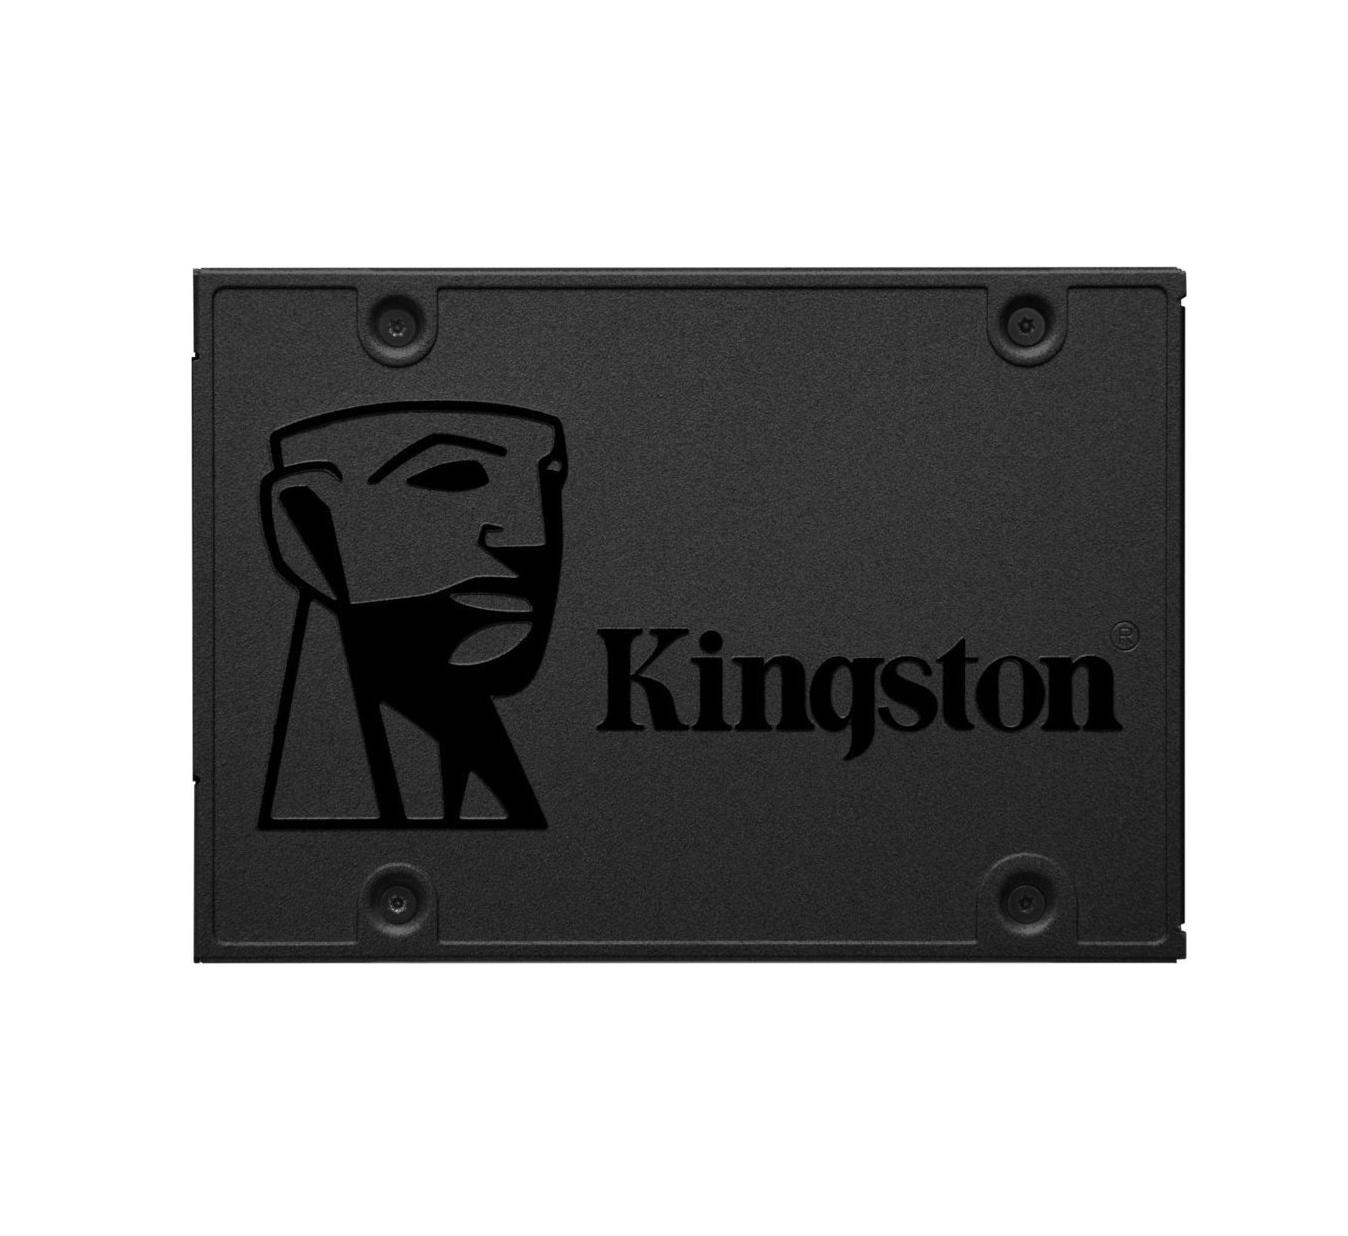 Kingston SSD A400 480GB Σκληρός Δίσκος SSD SA400S37/480G